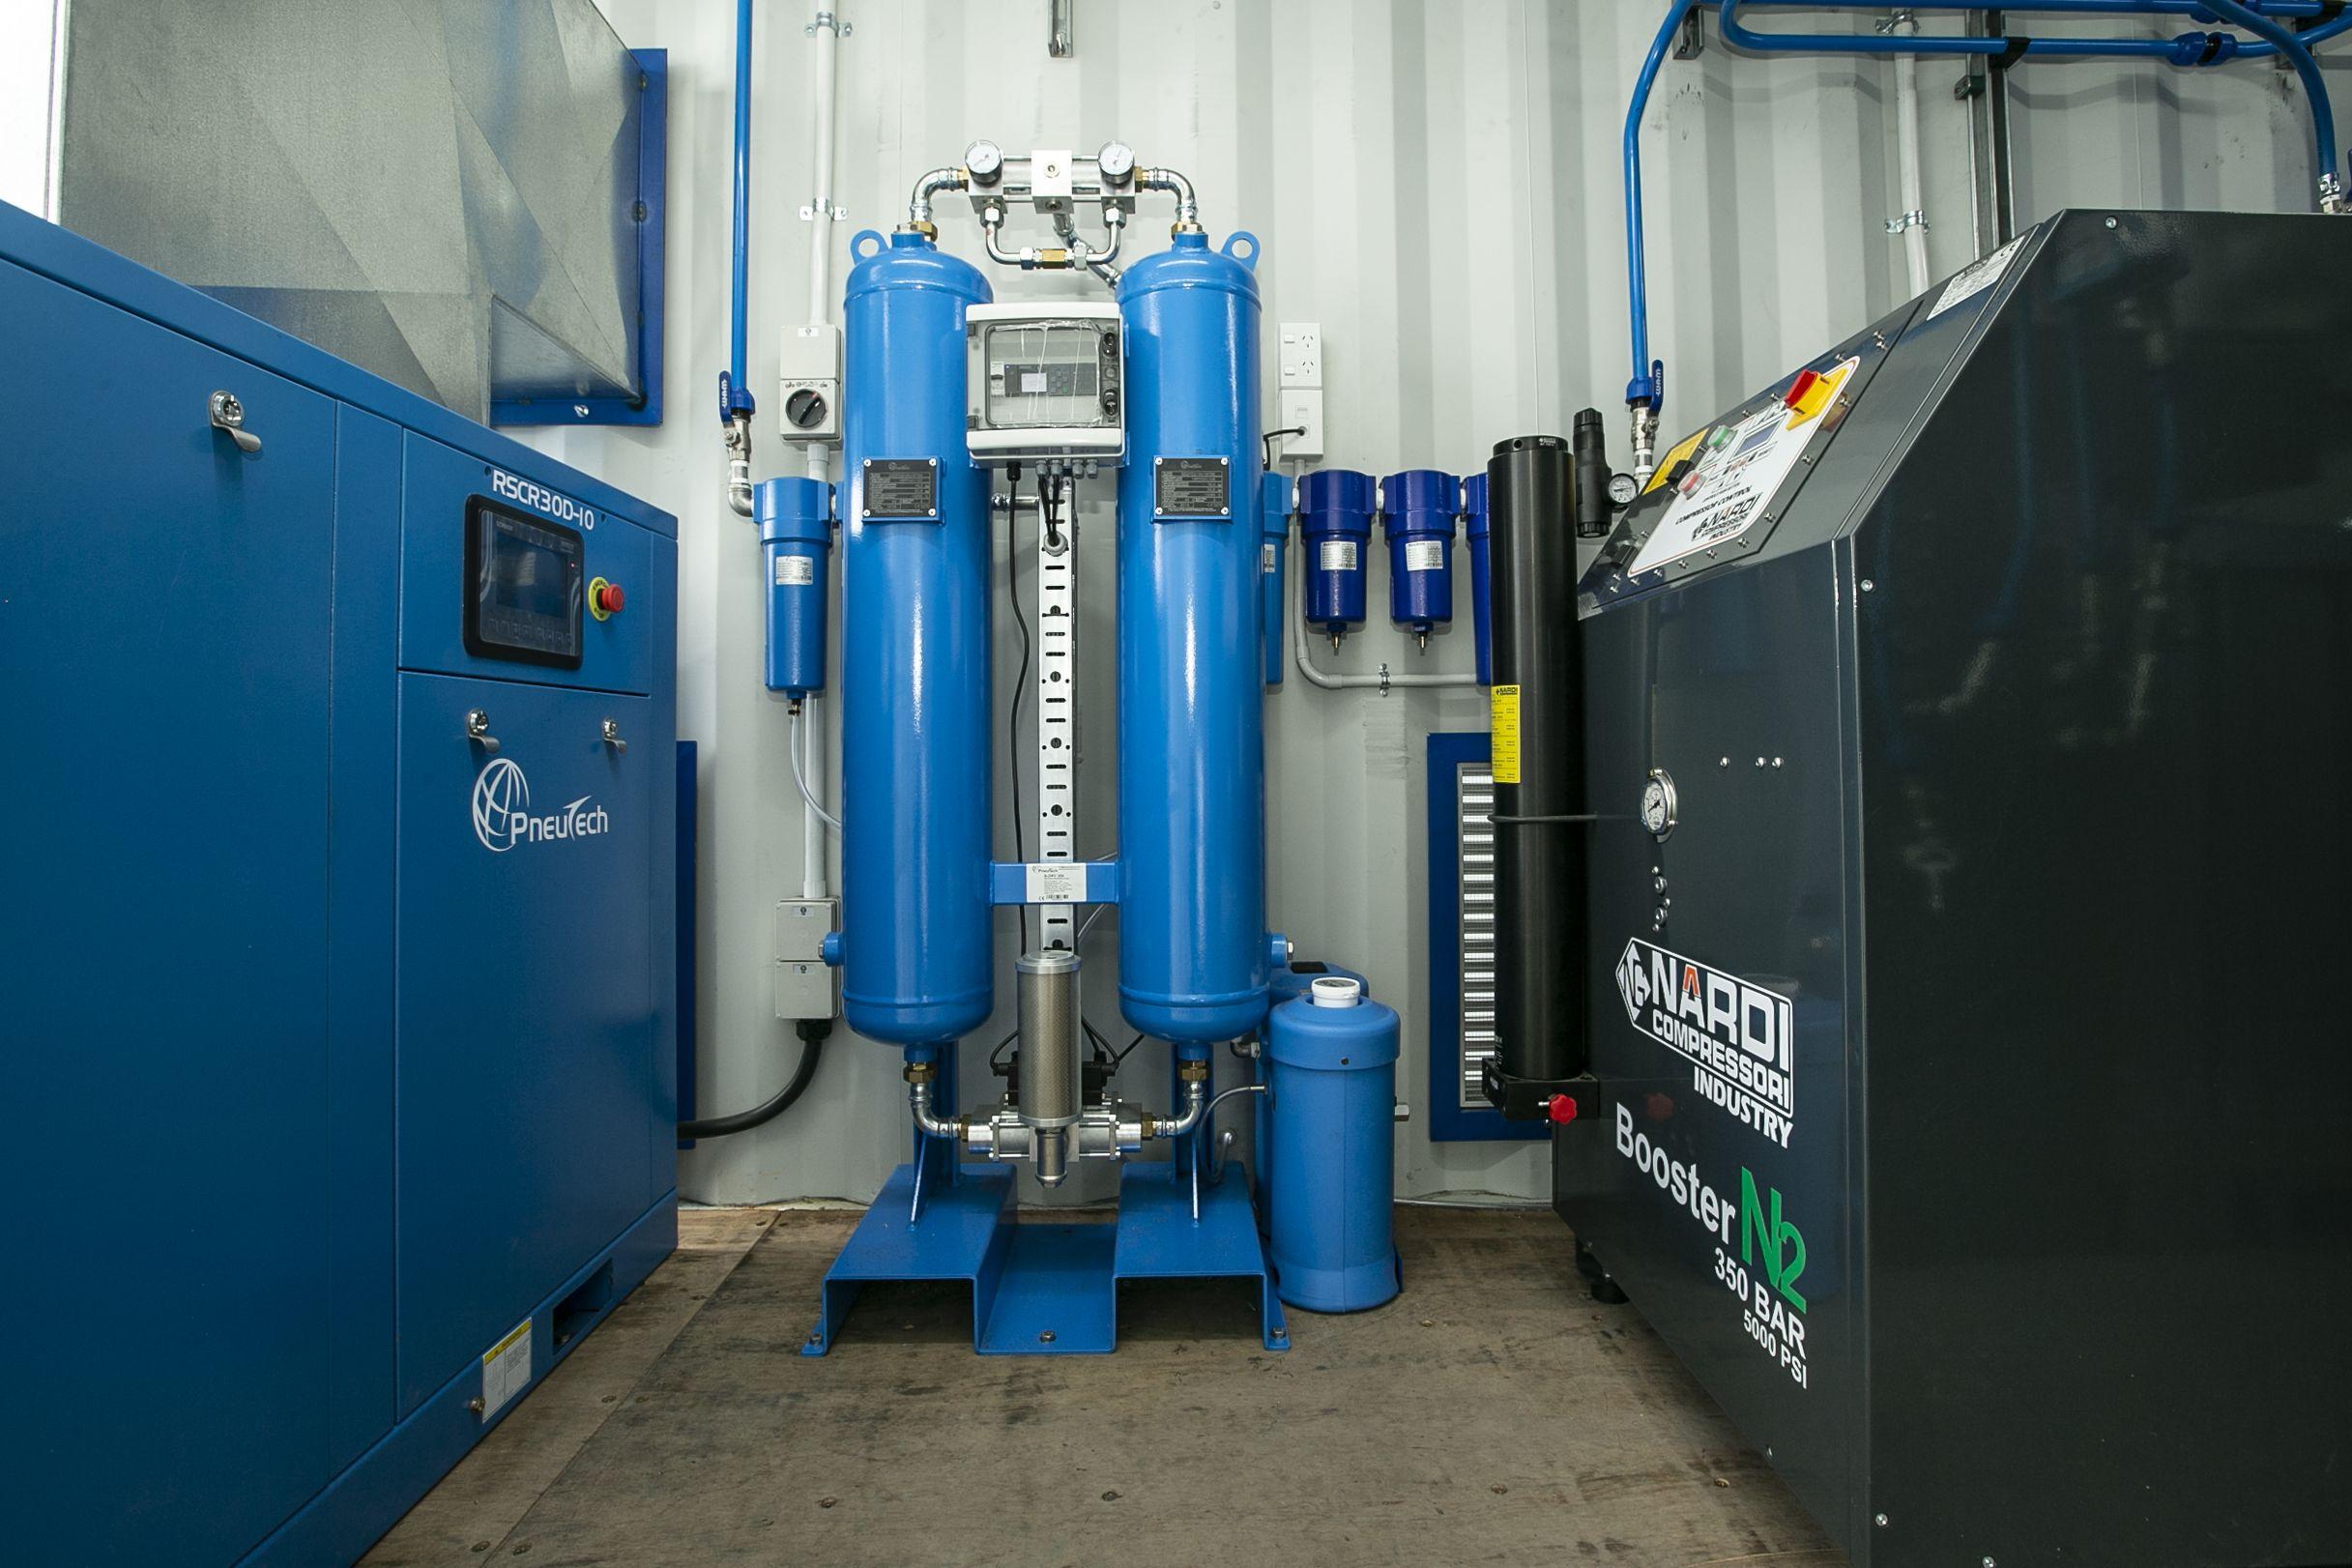 Containerised nitrogen generator - image 3